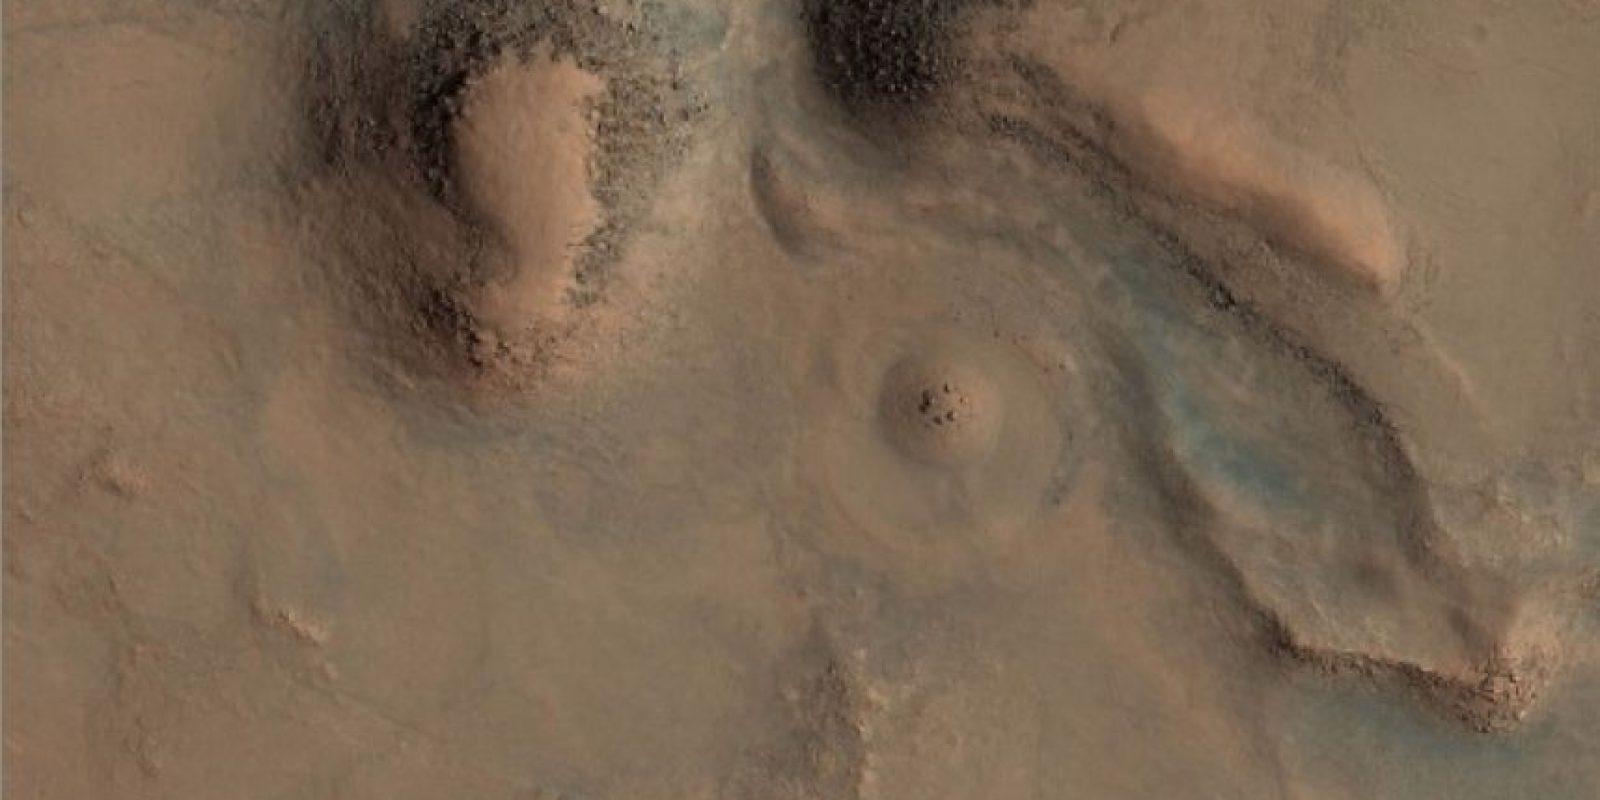 Esta es la imagen difundida por la agencia espacial Foto: Original: http://hirise-pds.lpl.arizona.edu/PDS/EXTRAS/RDR/ESP/ORB_028800_028899/ESP_028891_2085/ESP_028891_2085_RGB.NOMAP.browse.jpg